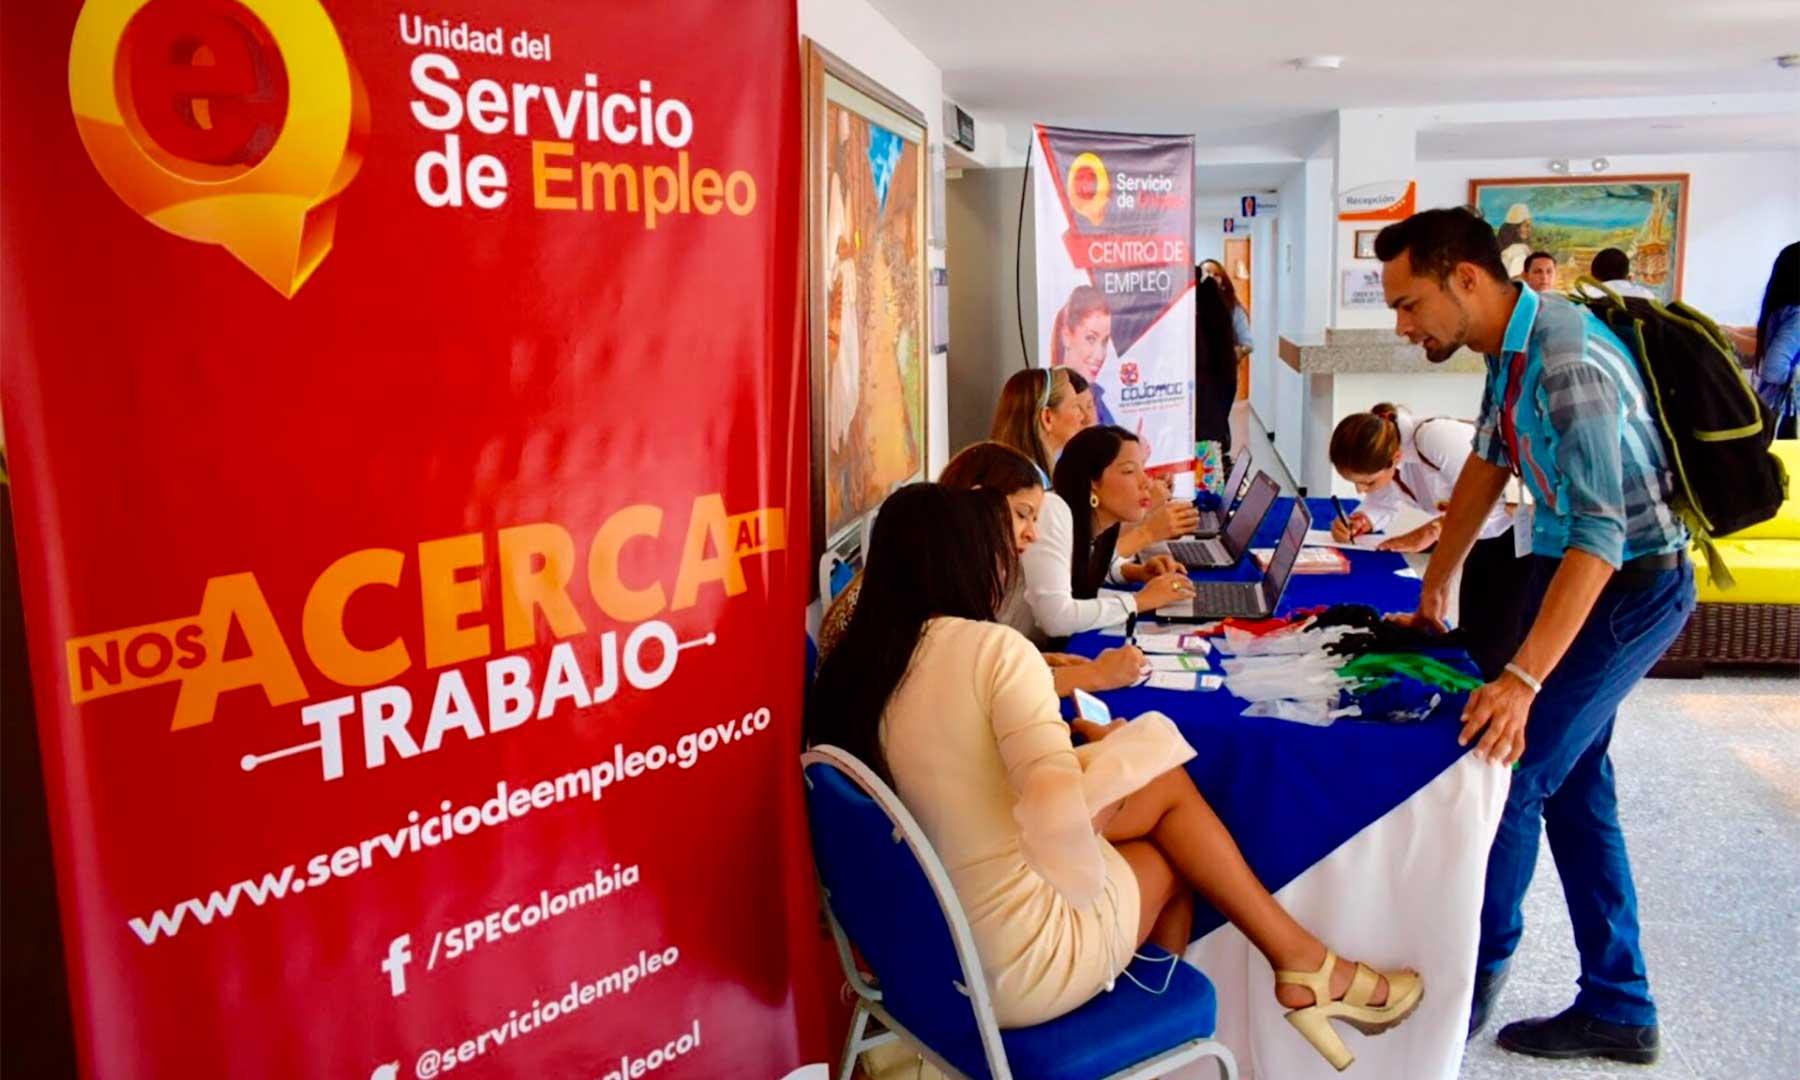 """Angi Velázquez, directora de la unidad del Servicio Público de Empleo (SPE); informó que en Barranquilla existen 5.056 vacantes para trabajo """"ya mismo""""."""